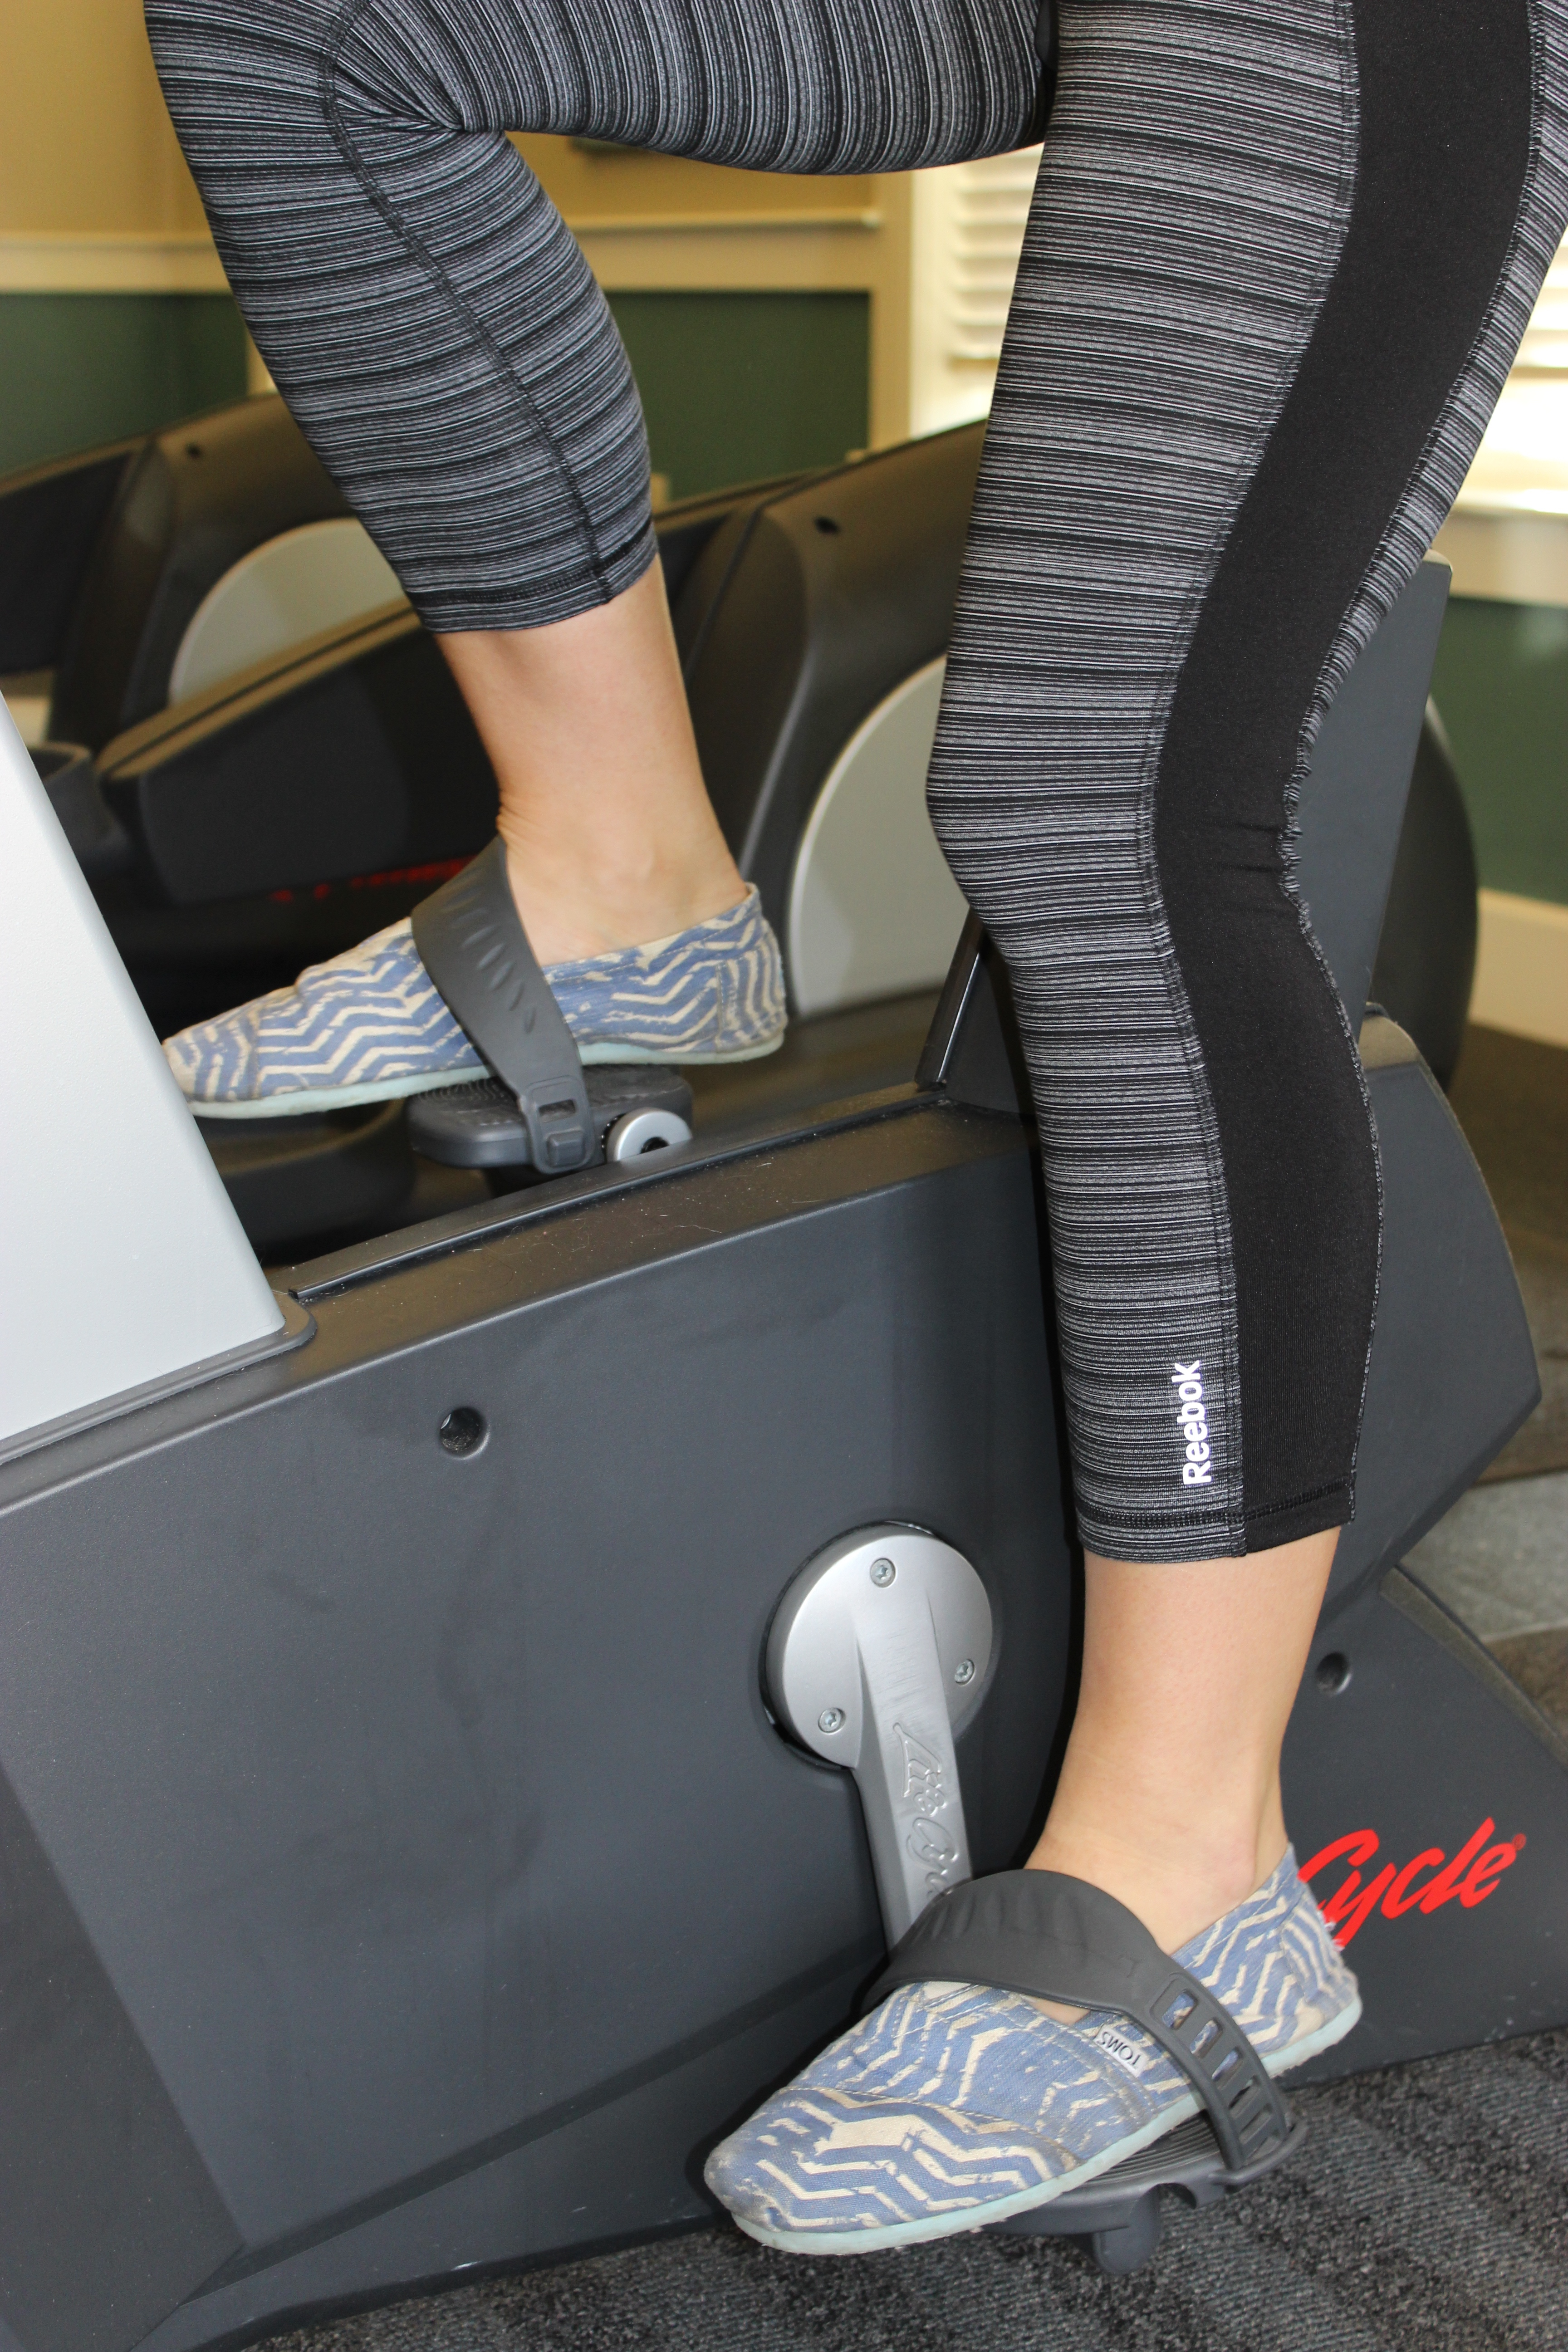 Wear: Gym Edition – Eat, Lift